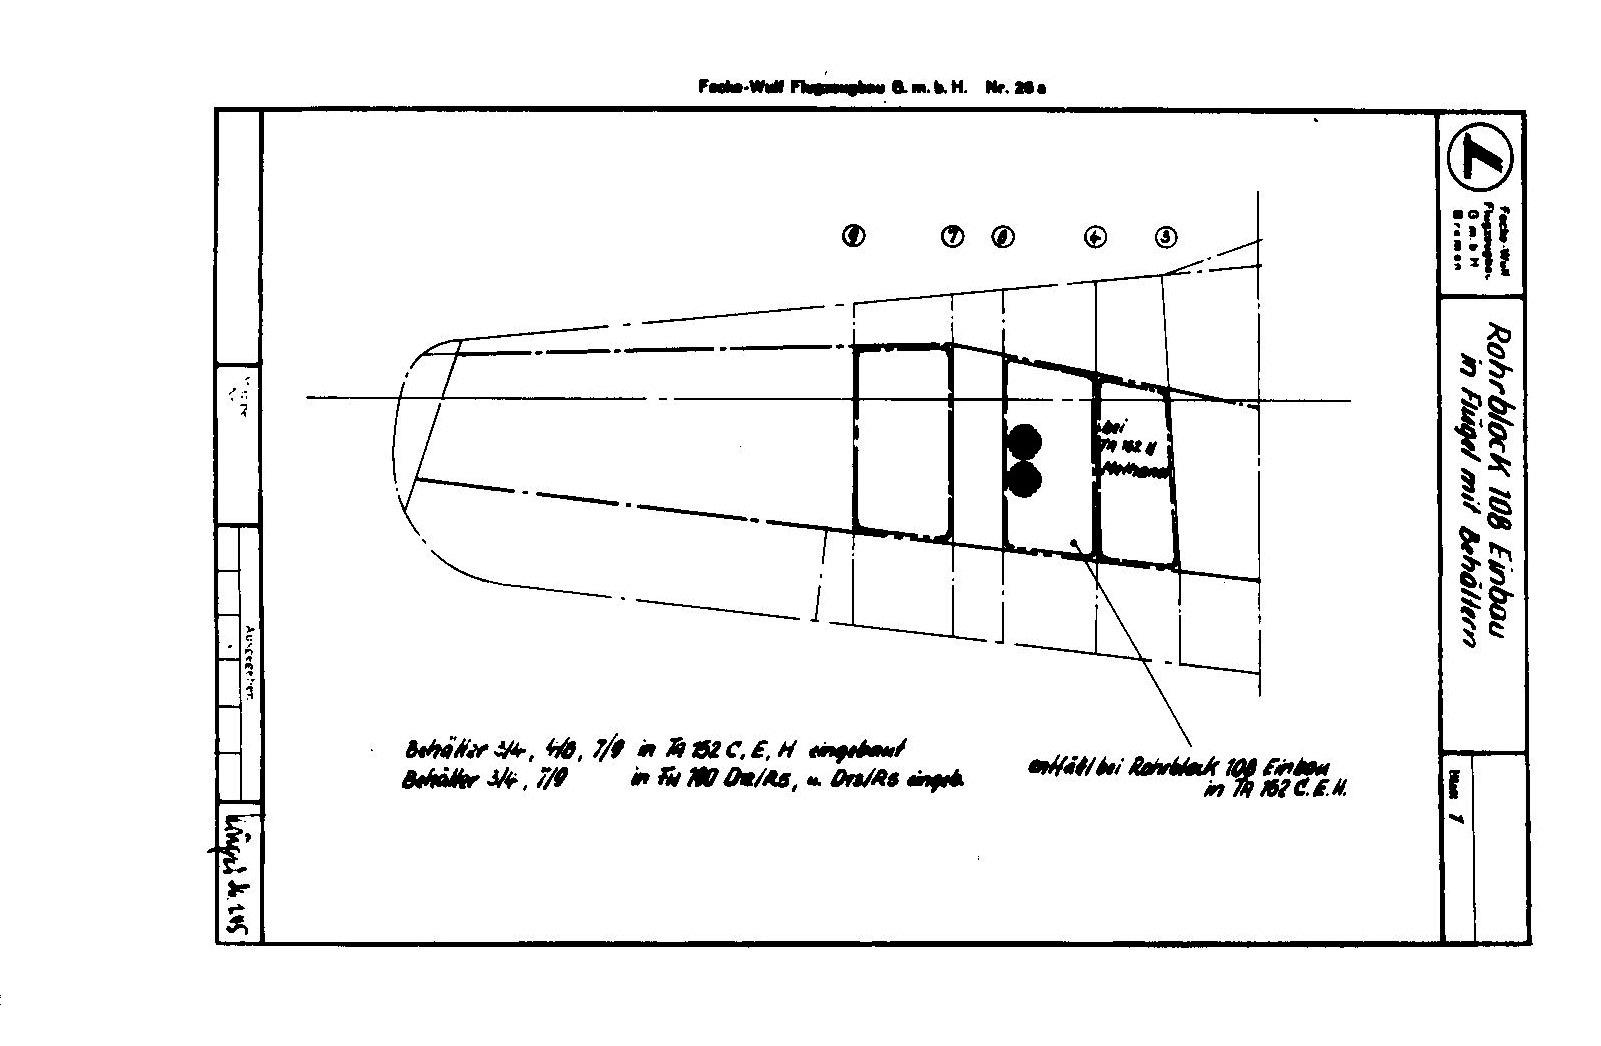 Einbau von 2 Rohrblock 108 in den Fügel Ta 152 C und H.